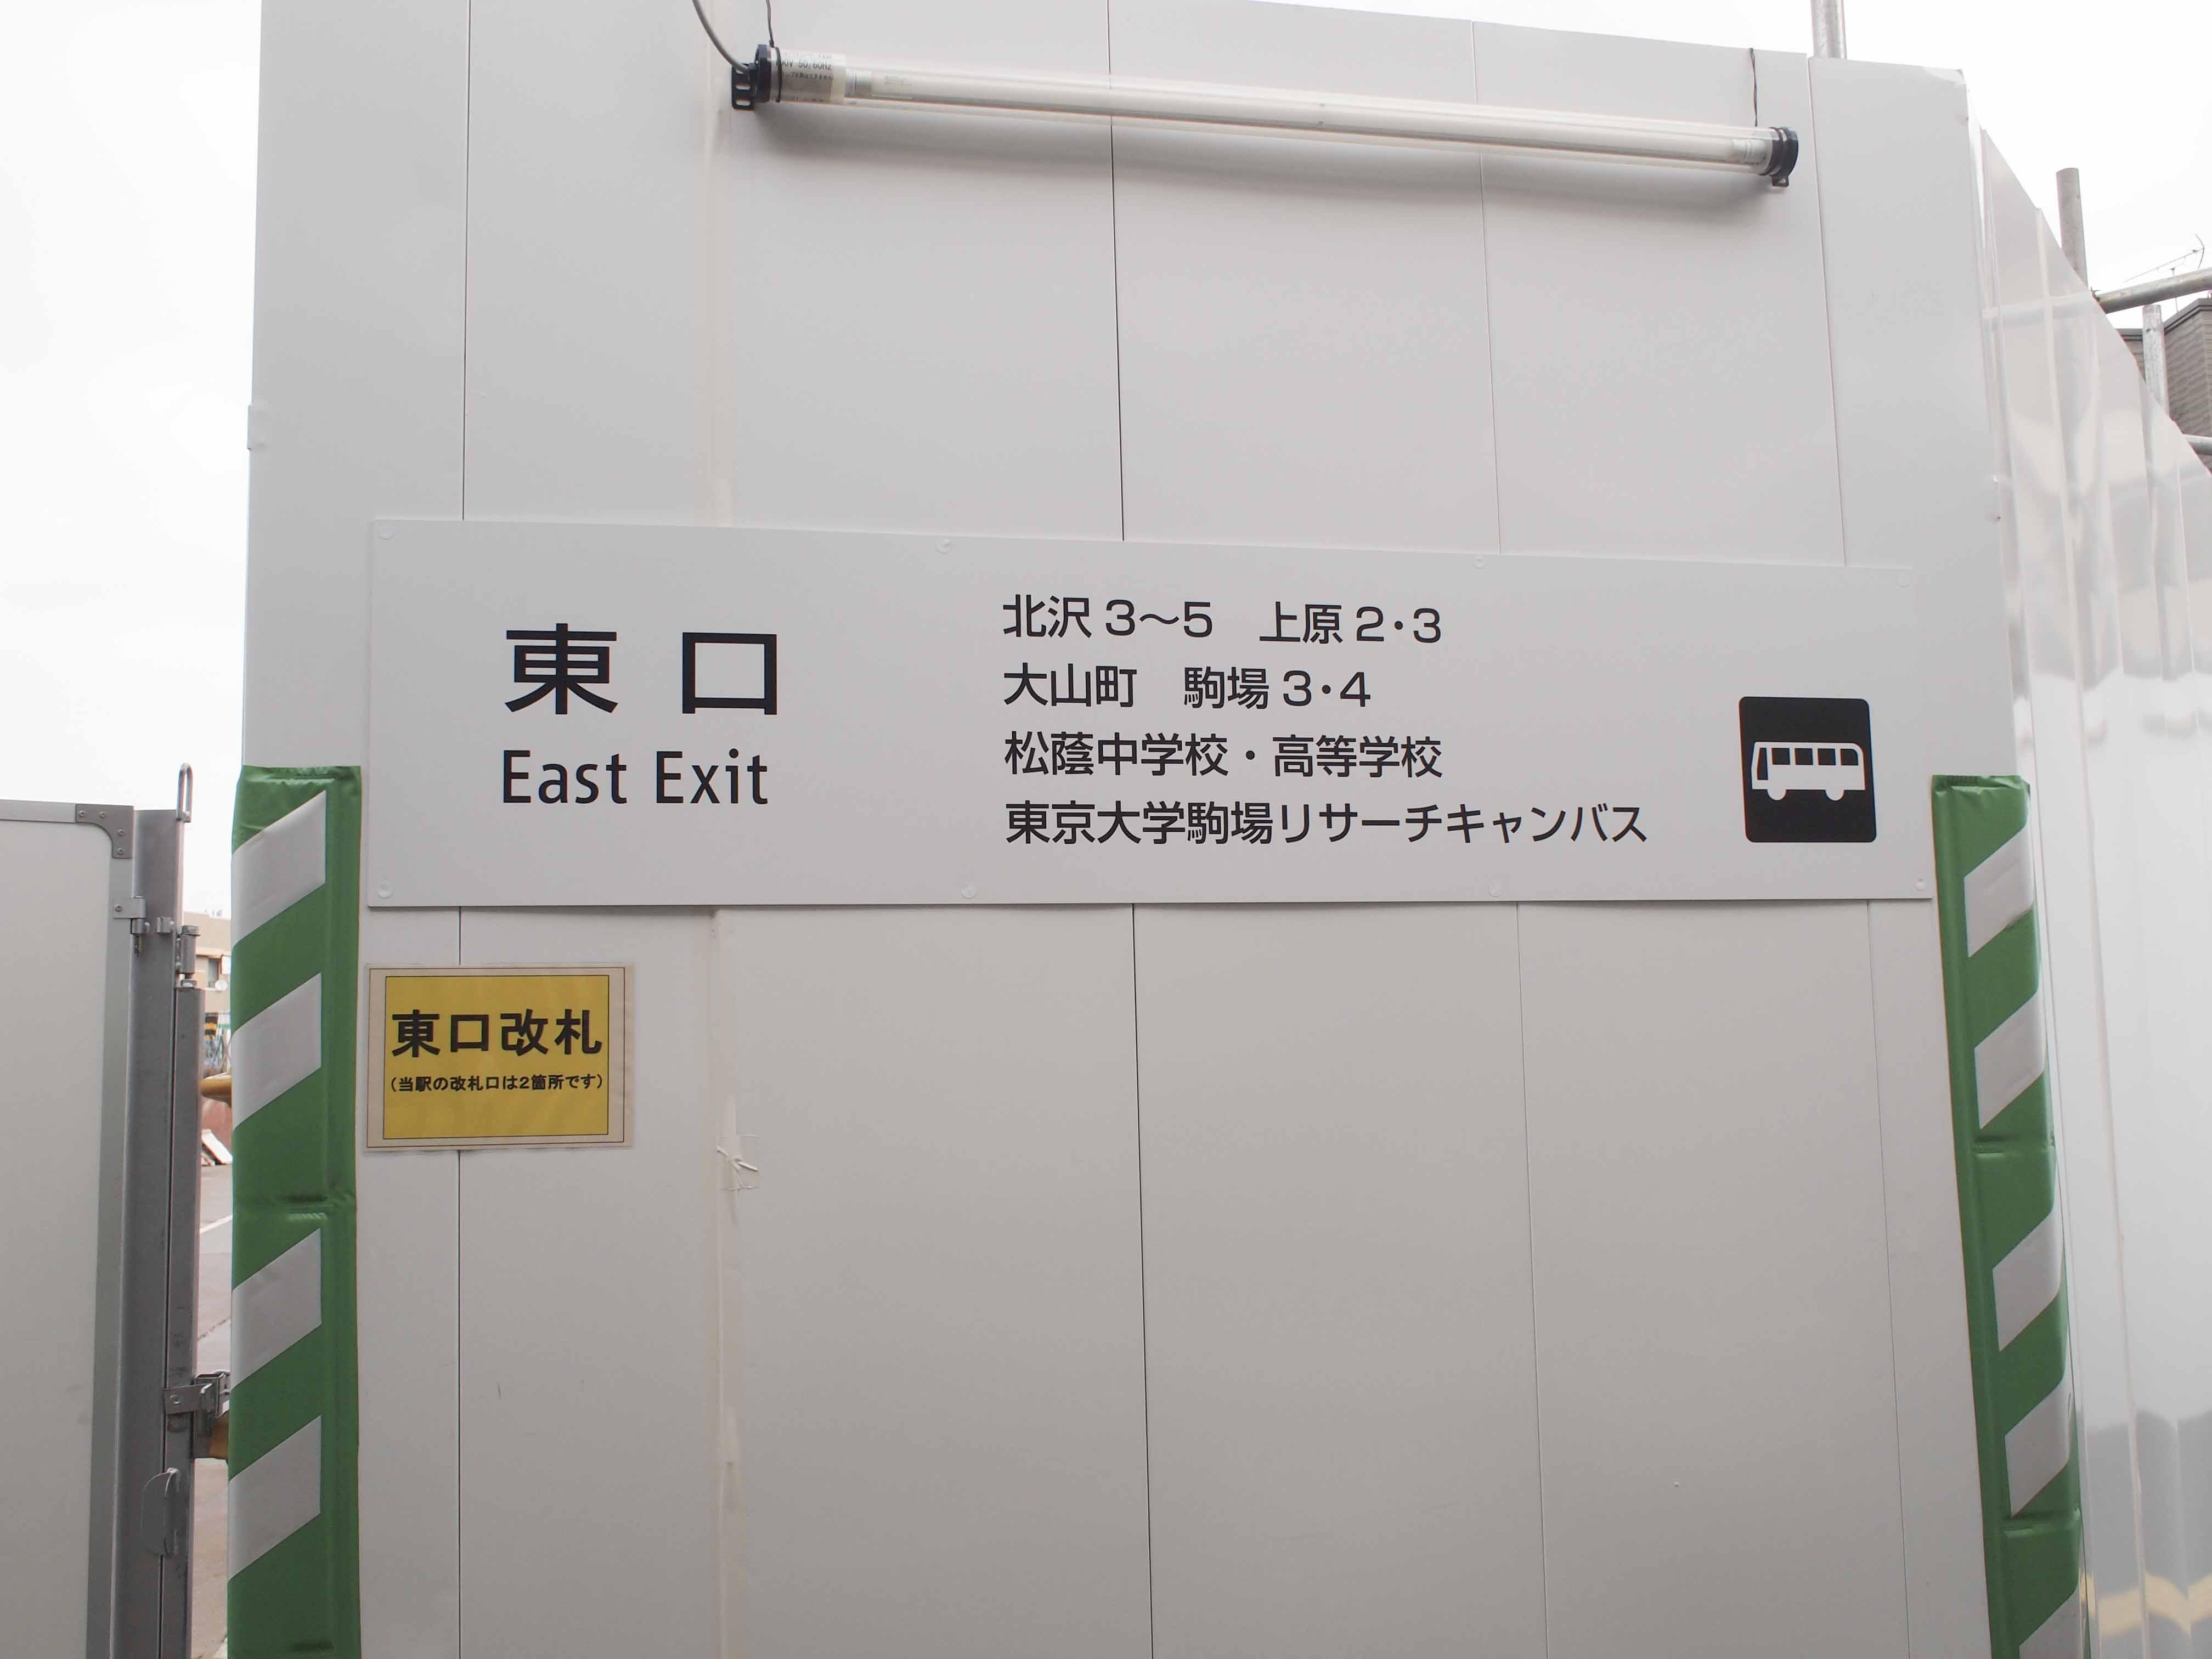 「あたらしい日々」東京展示   道案内その2_e0230987_22341117.jpg